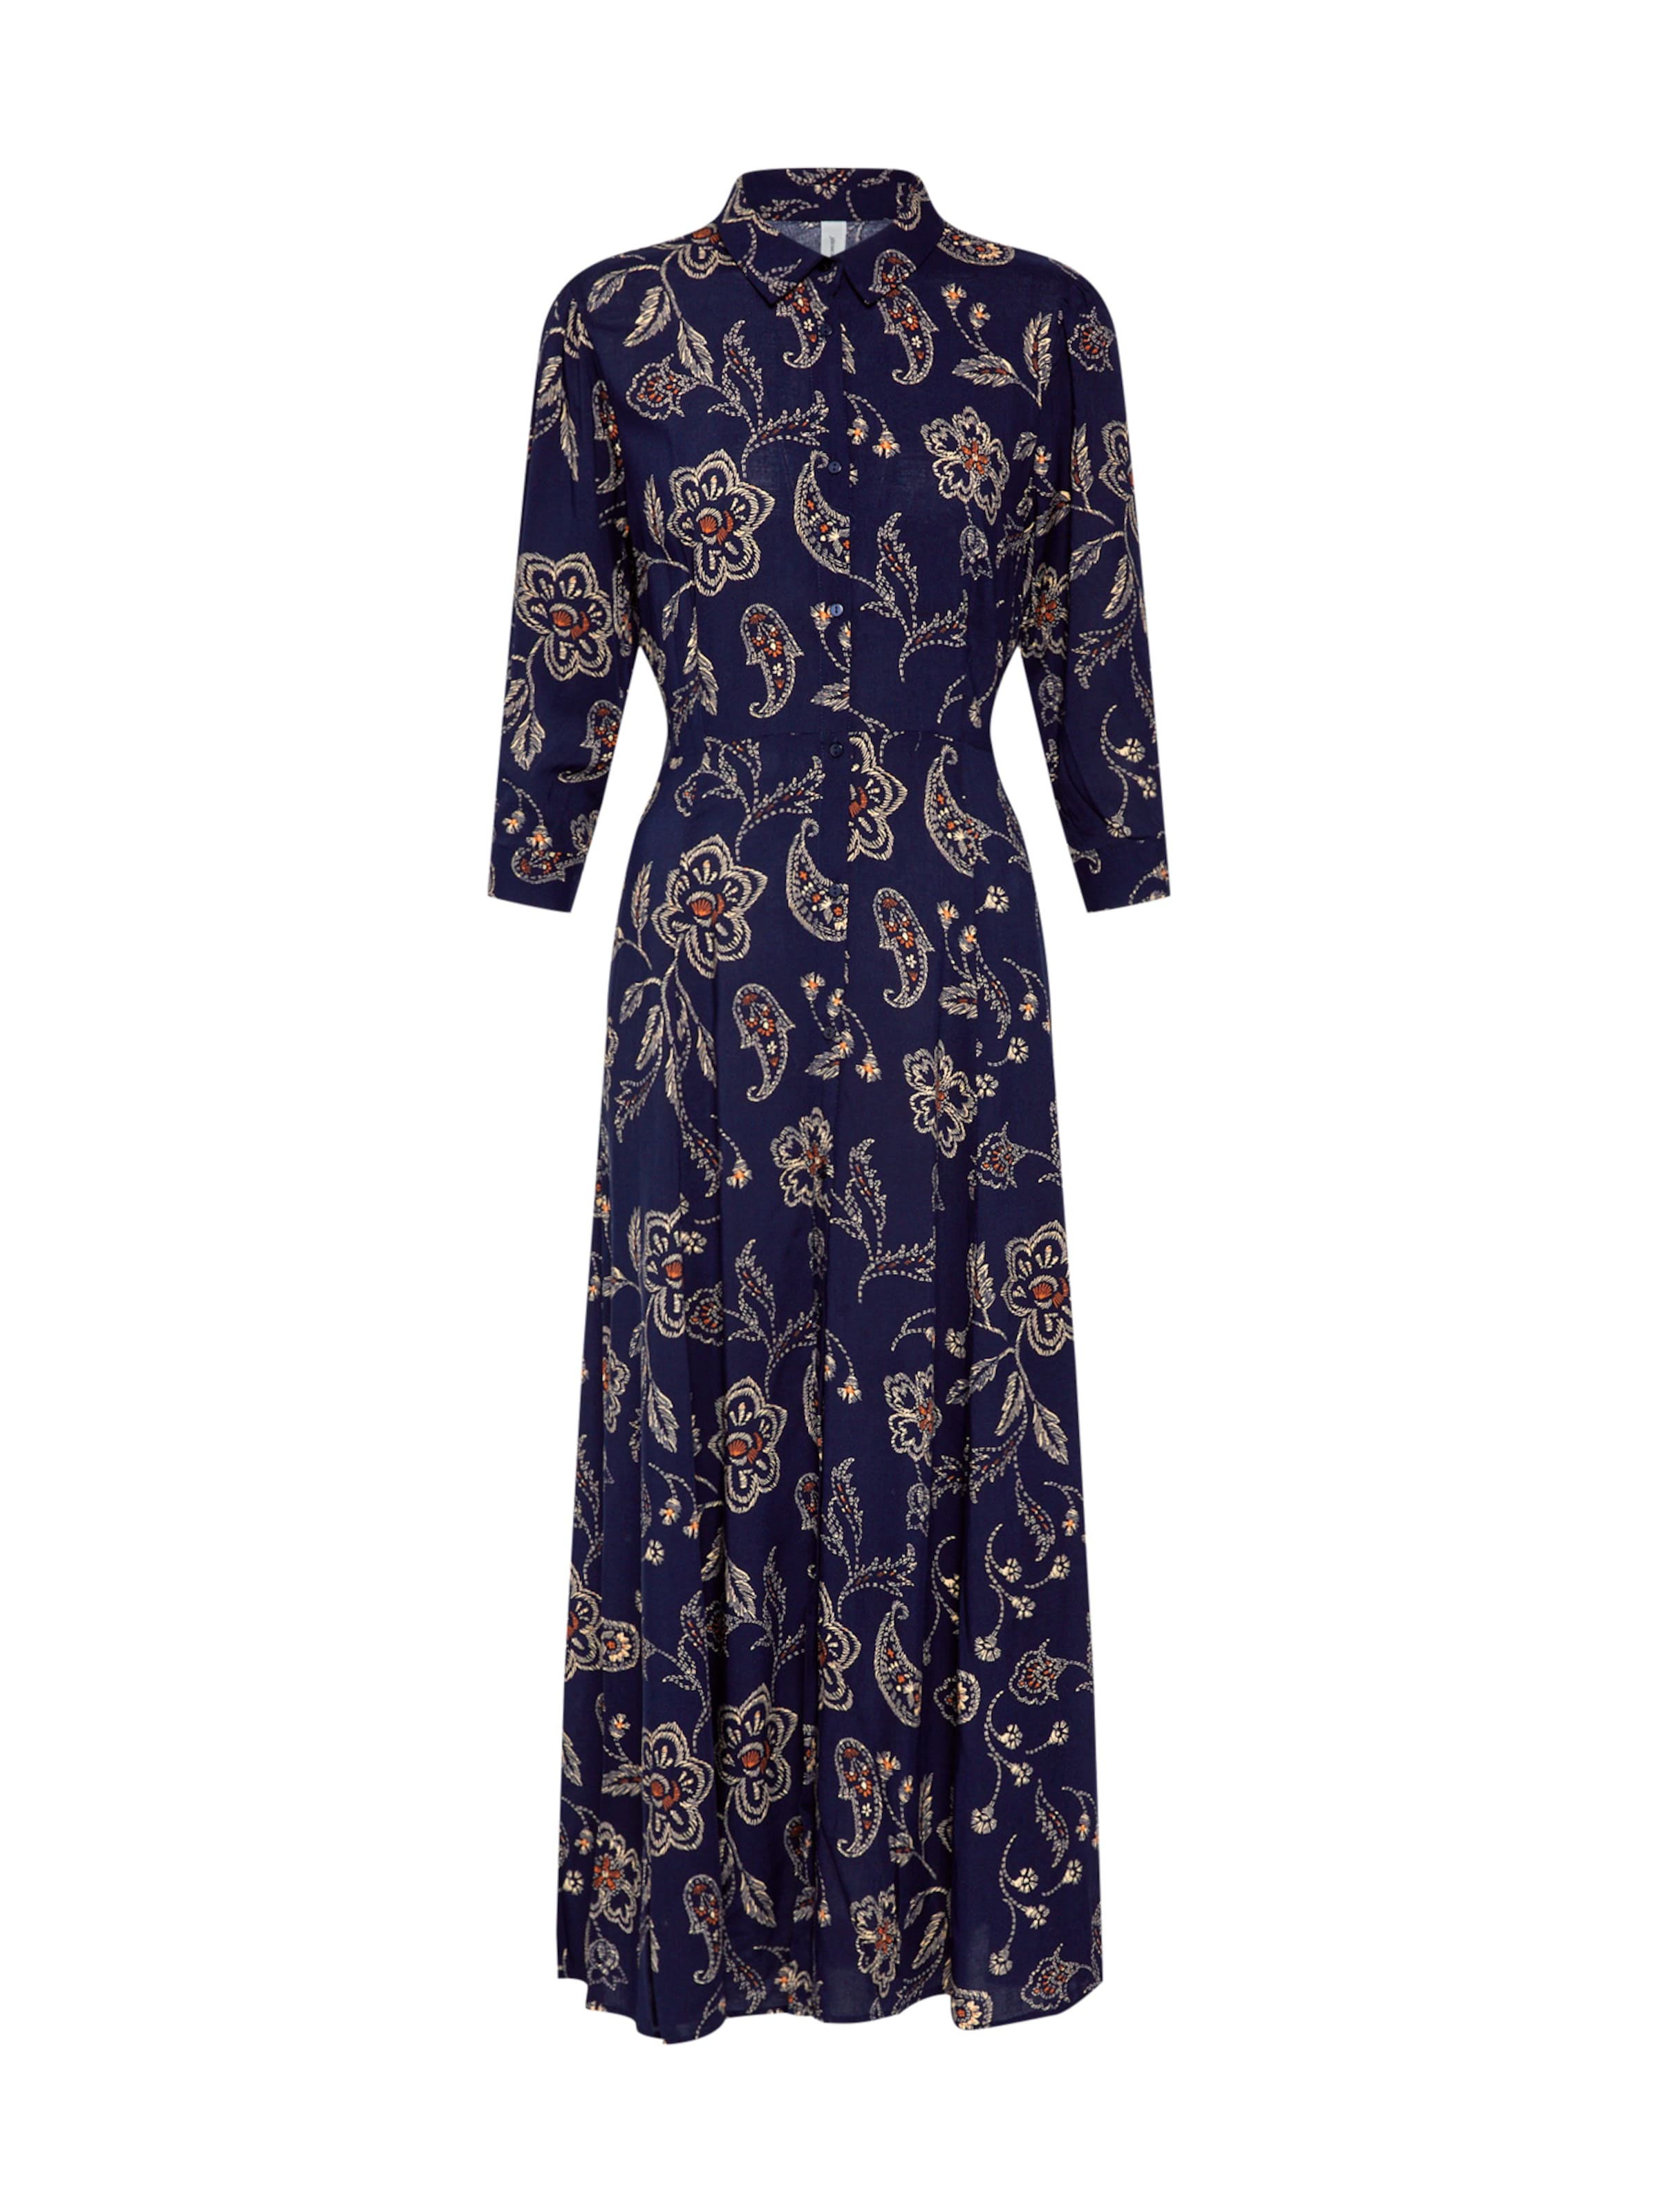 chemise 3' De Robe Soyaconcept En Bleu MarineMélange 'bonna Couleurs PZiuXOkT